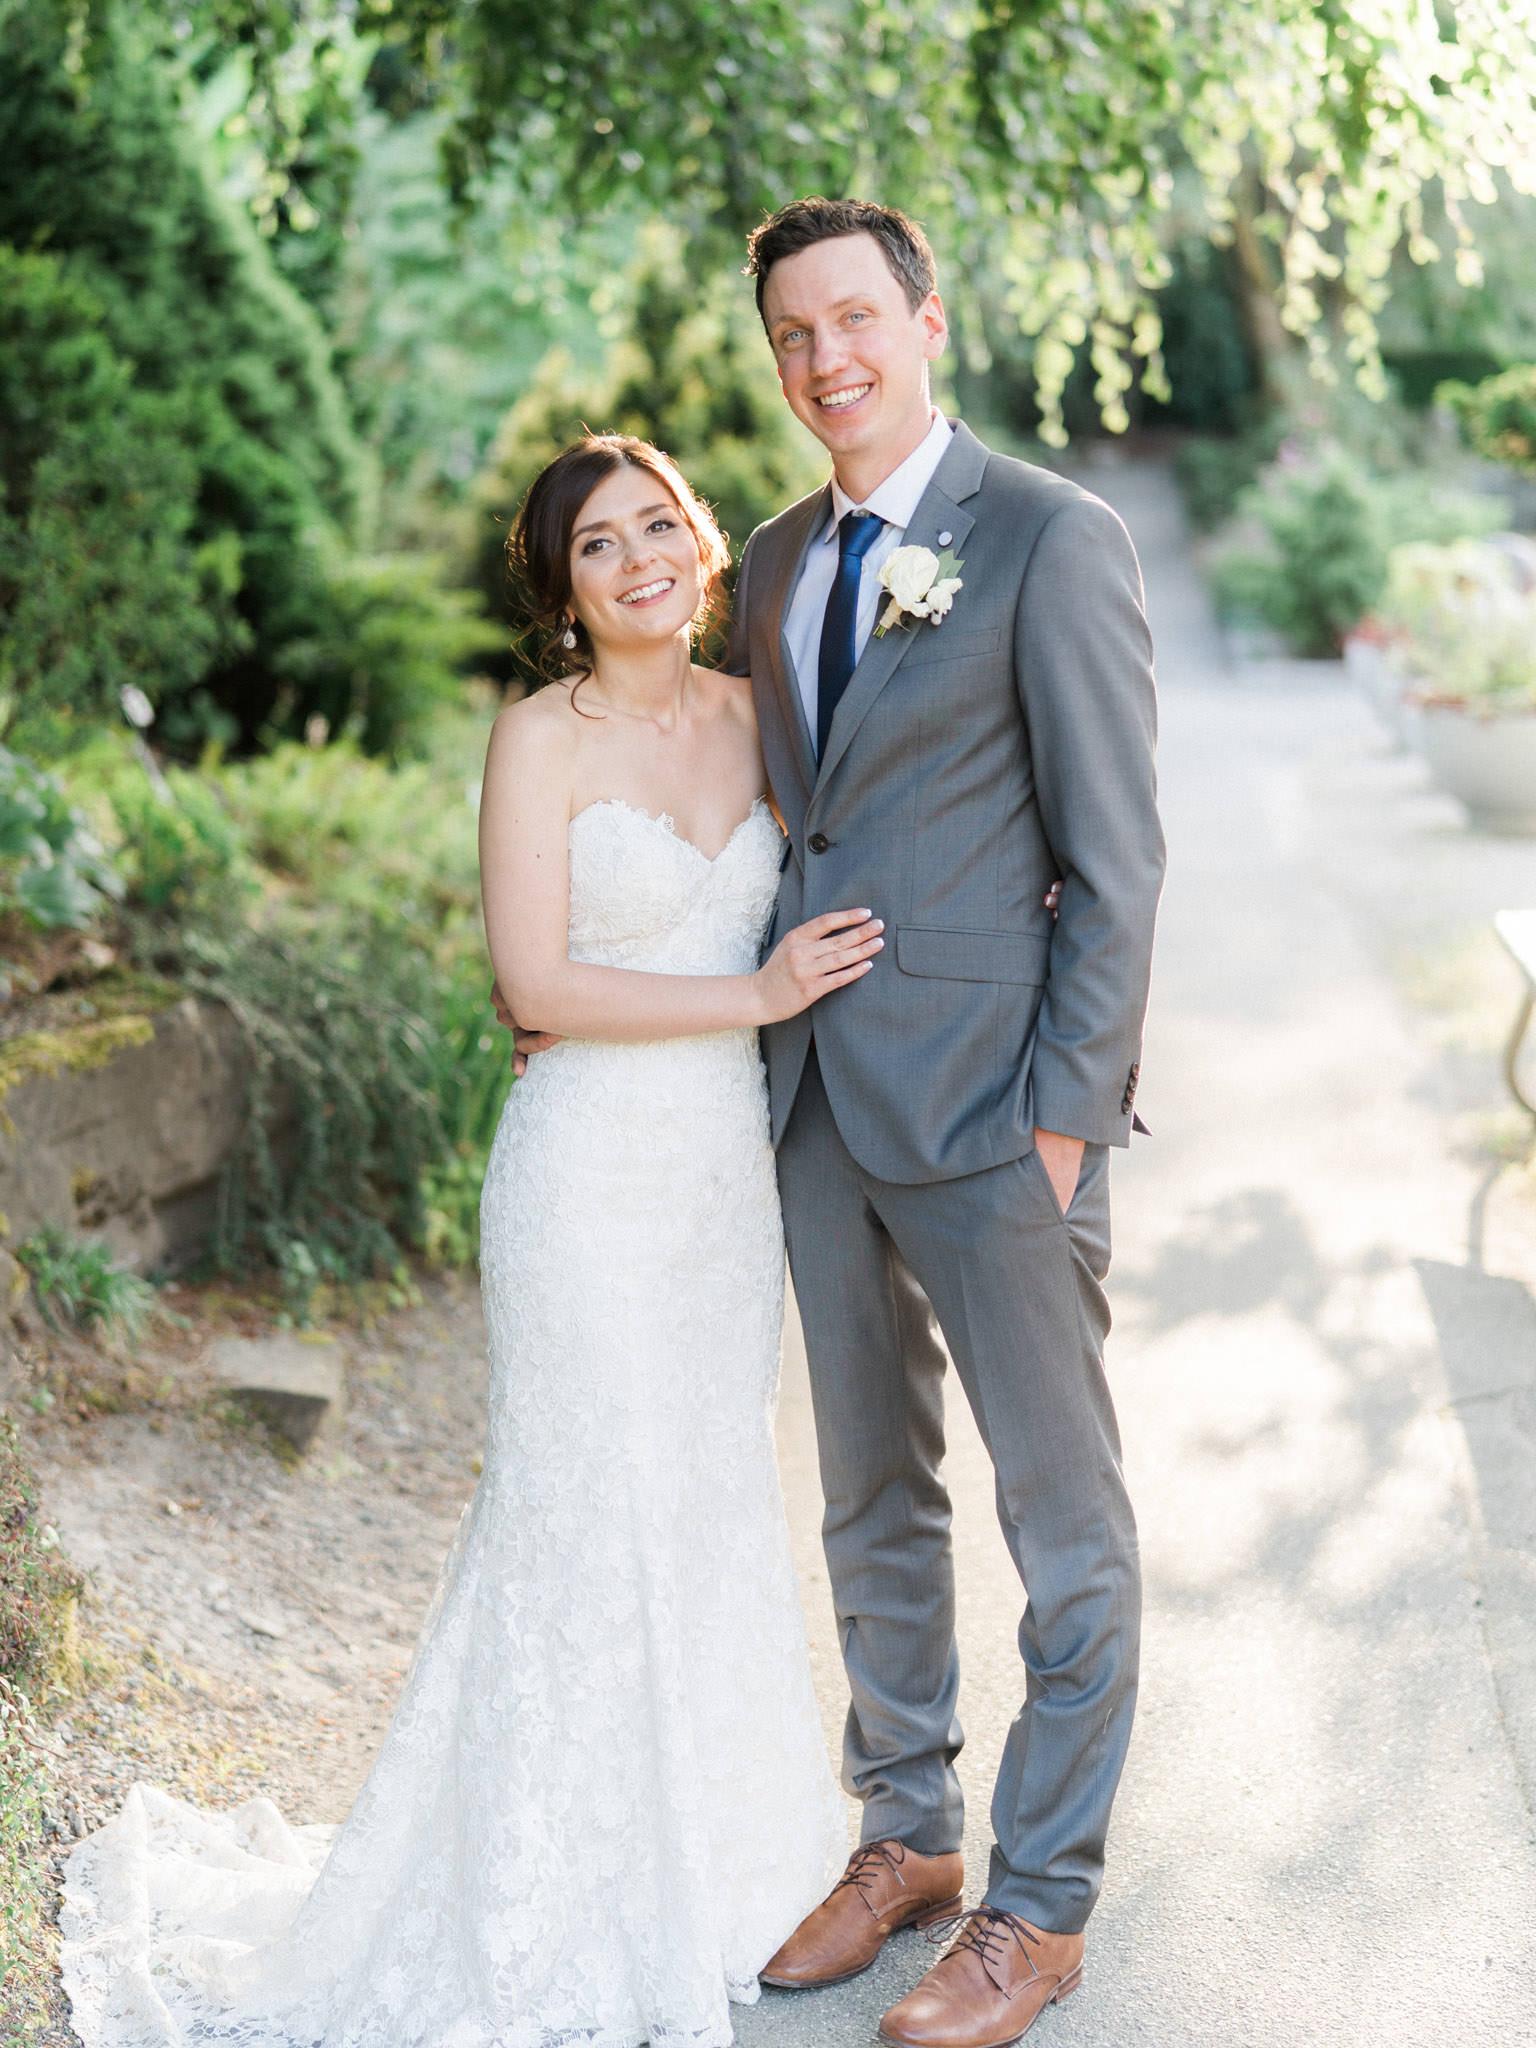 VanDusen Garden wedding